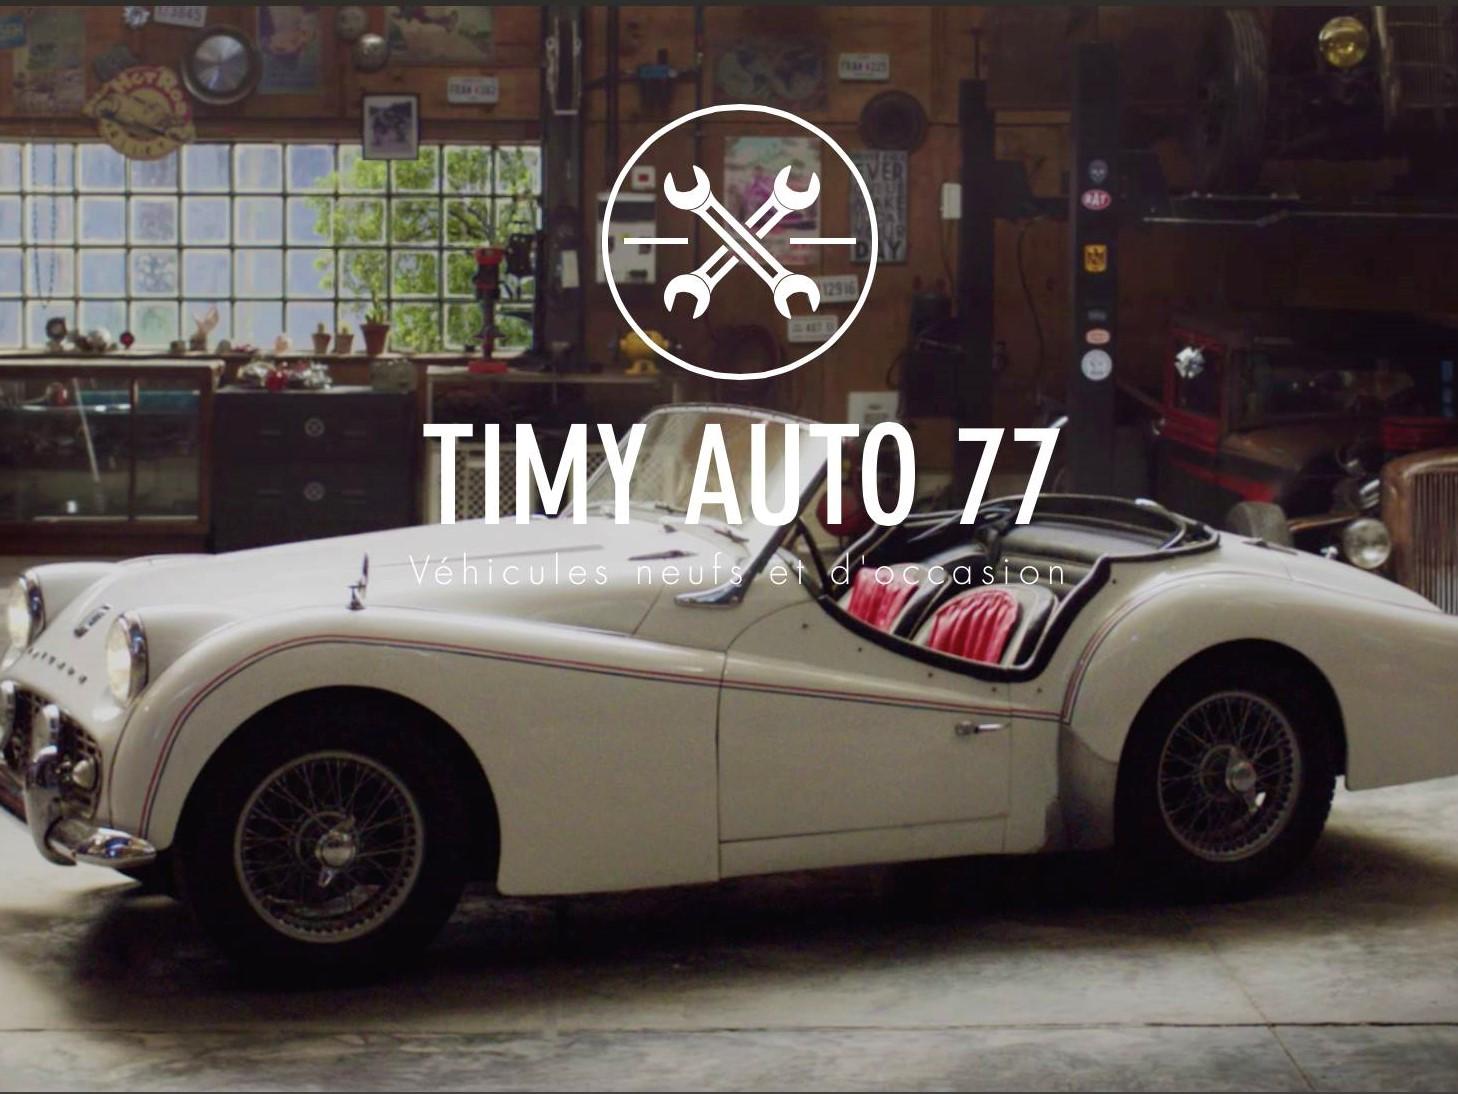 Timy Auto 77 : peugeot occasion faremoutiers timy auto 77 ~ Medecine-chirurgie-esthetiques.com Avis de Voitures